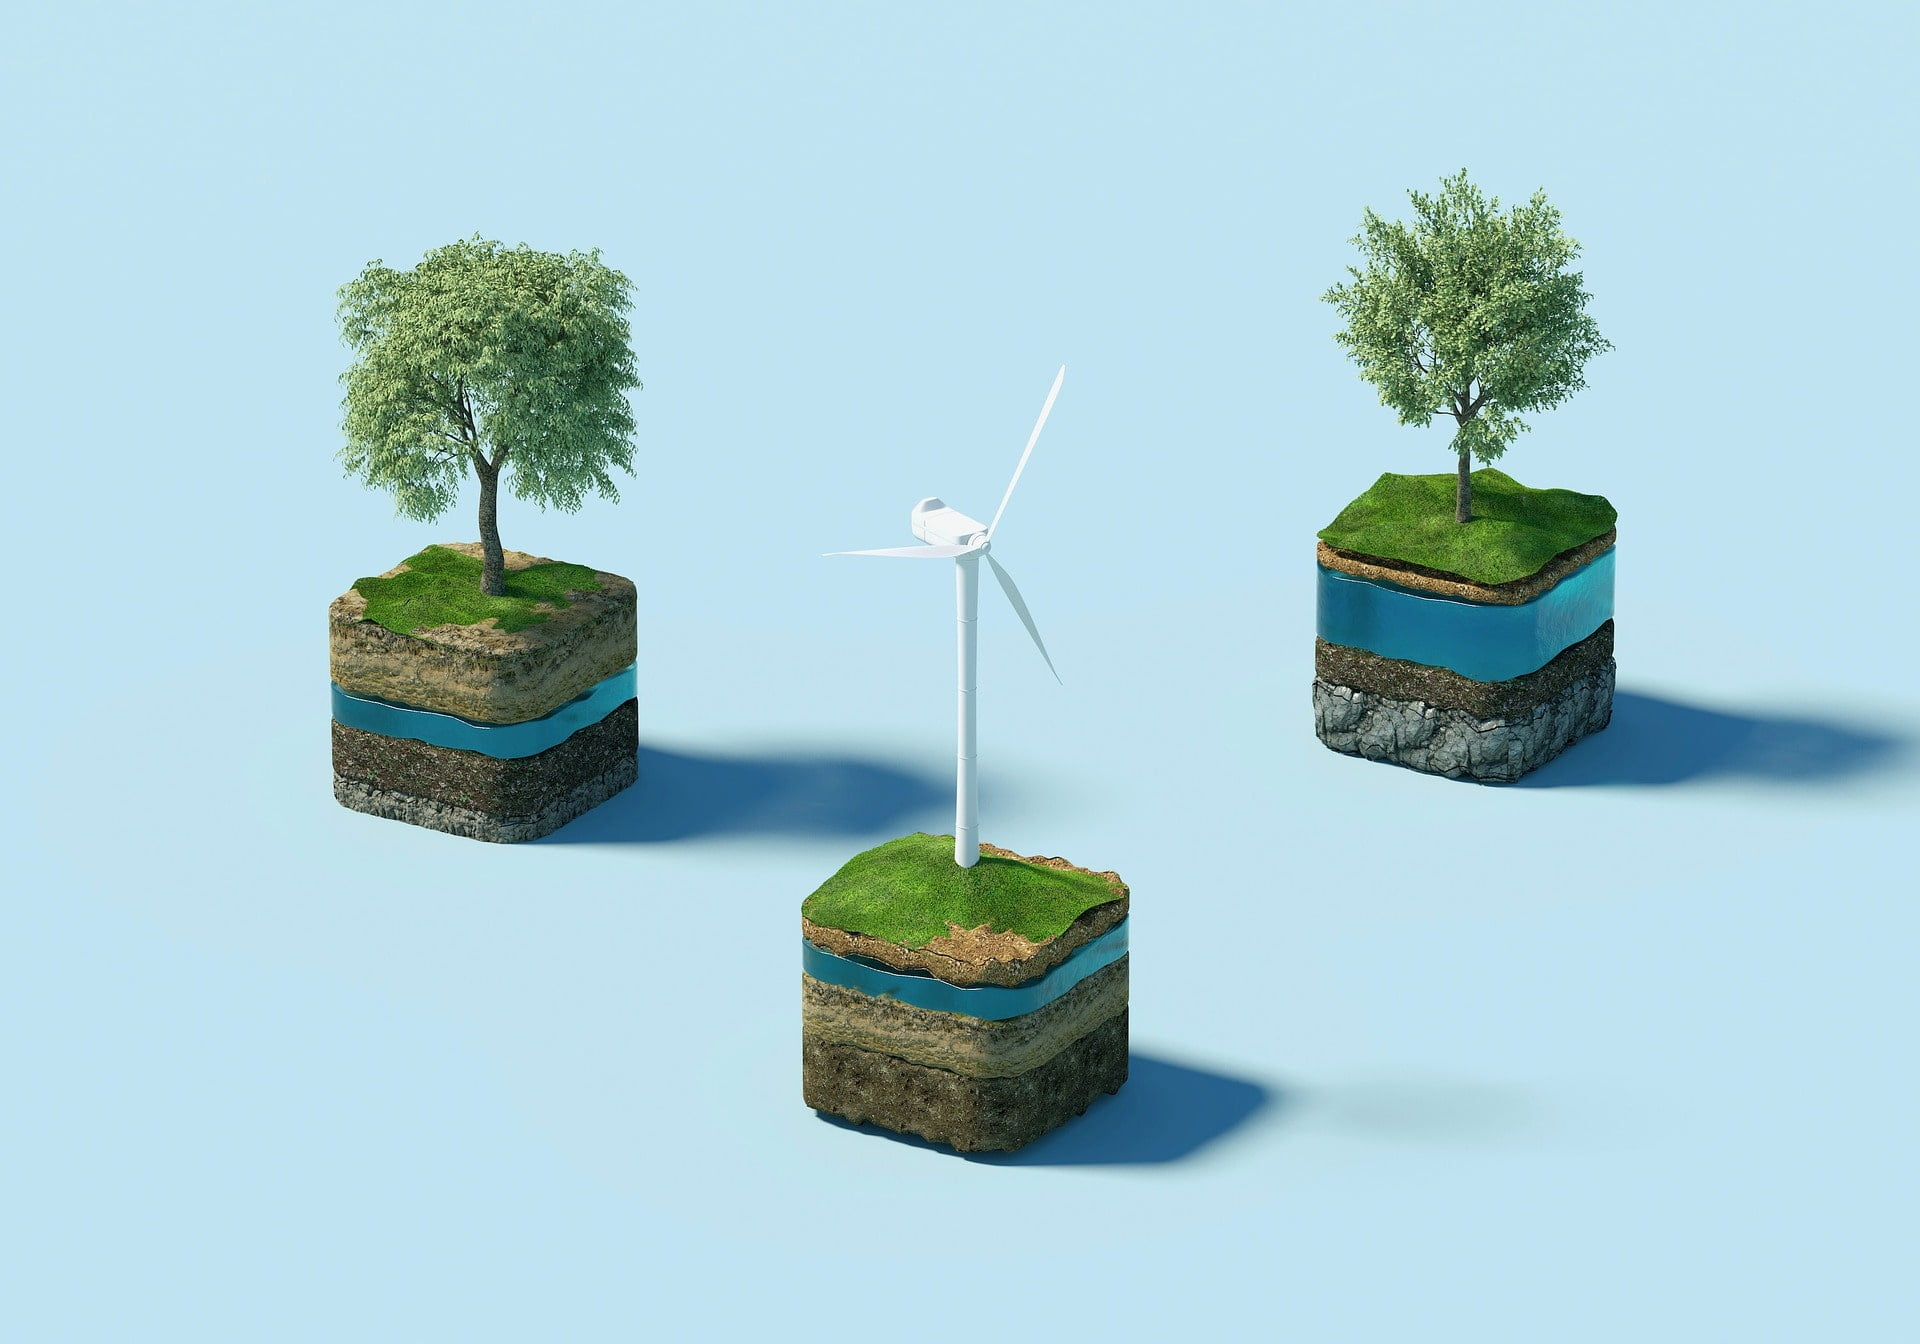 Ympäristö, tuulimylly ja vesi vastuullisuuden symbolina